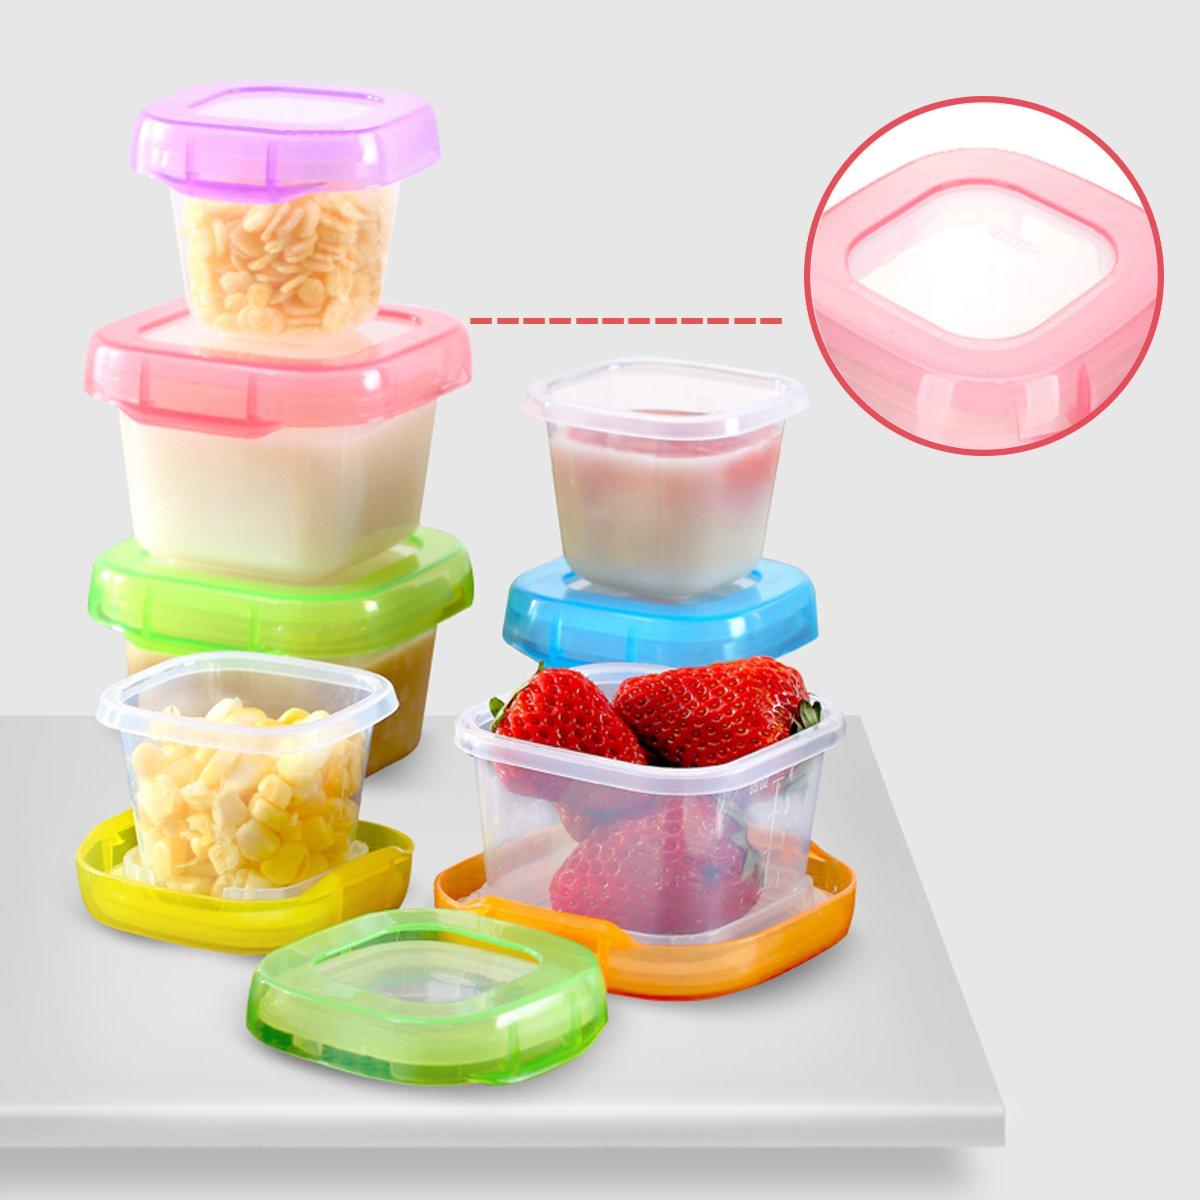 SONARIN BPA-freie Baby-Frischhaltedose Babynahrung Aufbewahrung,Baby-Nahrungserg/änzung Vorratsdose 4 x 120 ml 100/% dicht